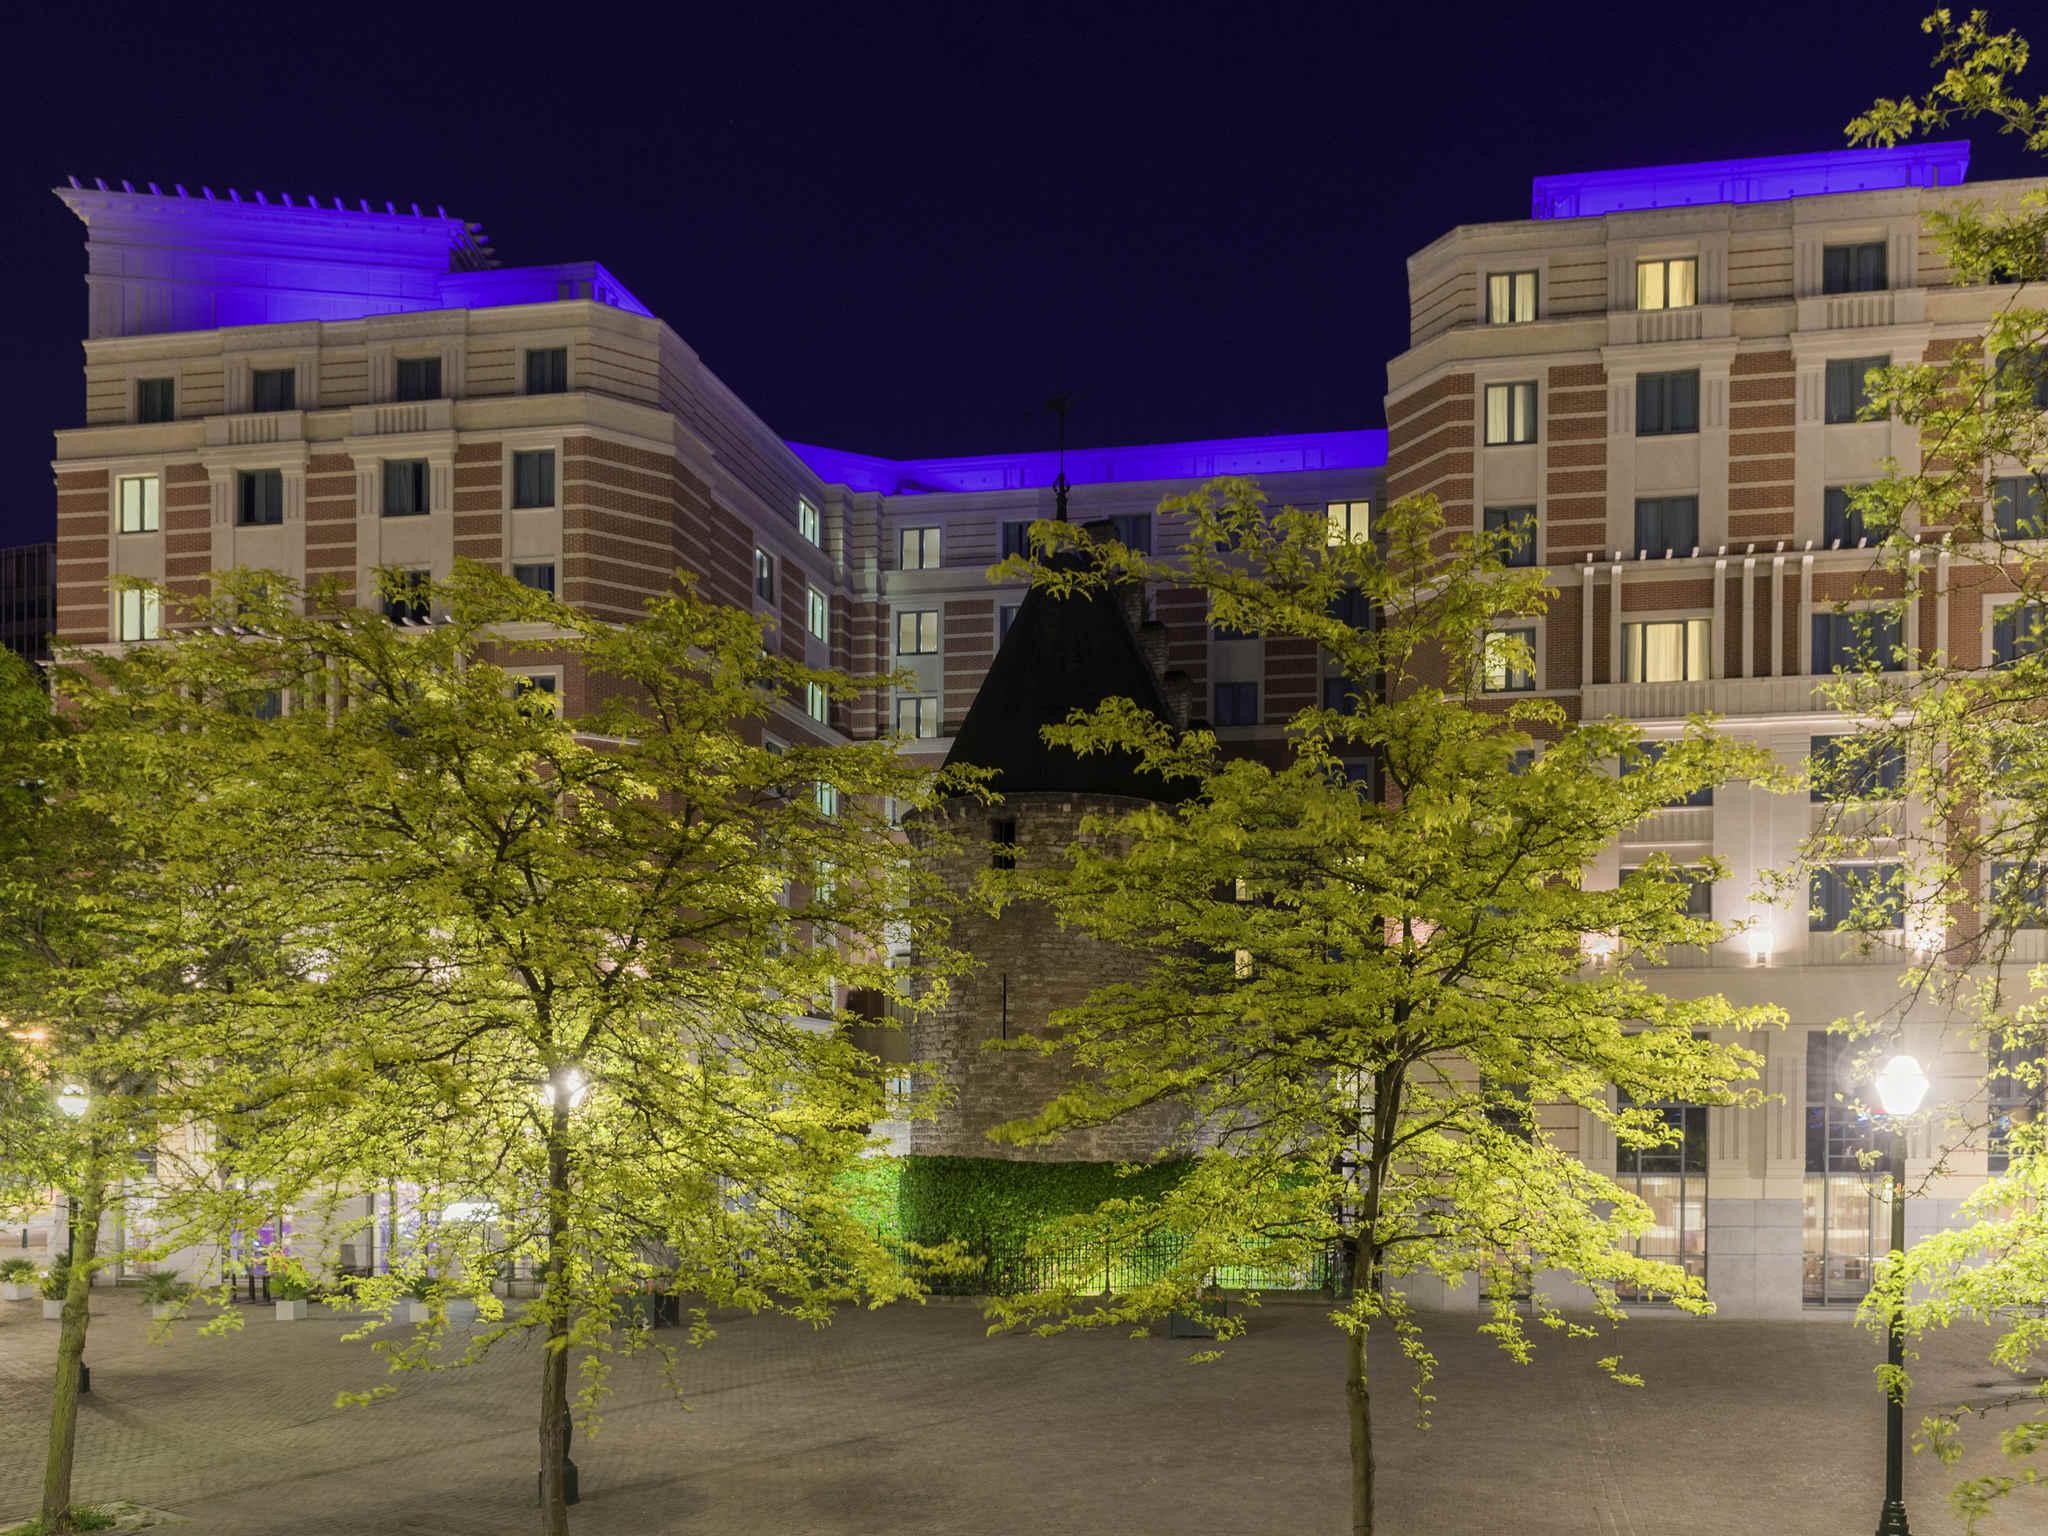 โรงแรม – โนโวเทล บรัสเซลส์ ซิตี้ เซ็นเตอร์